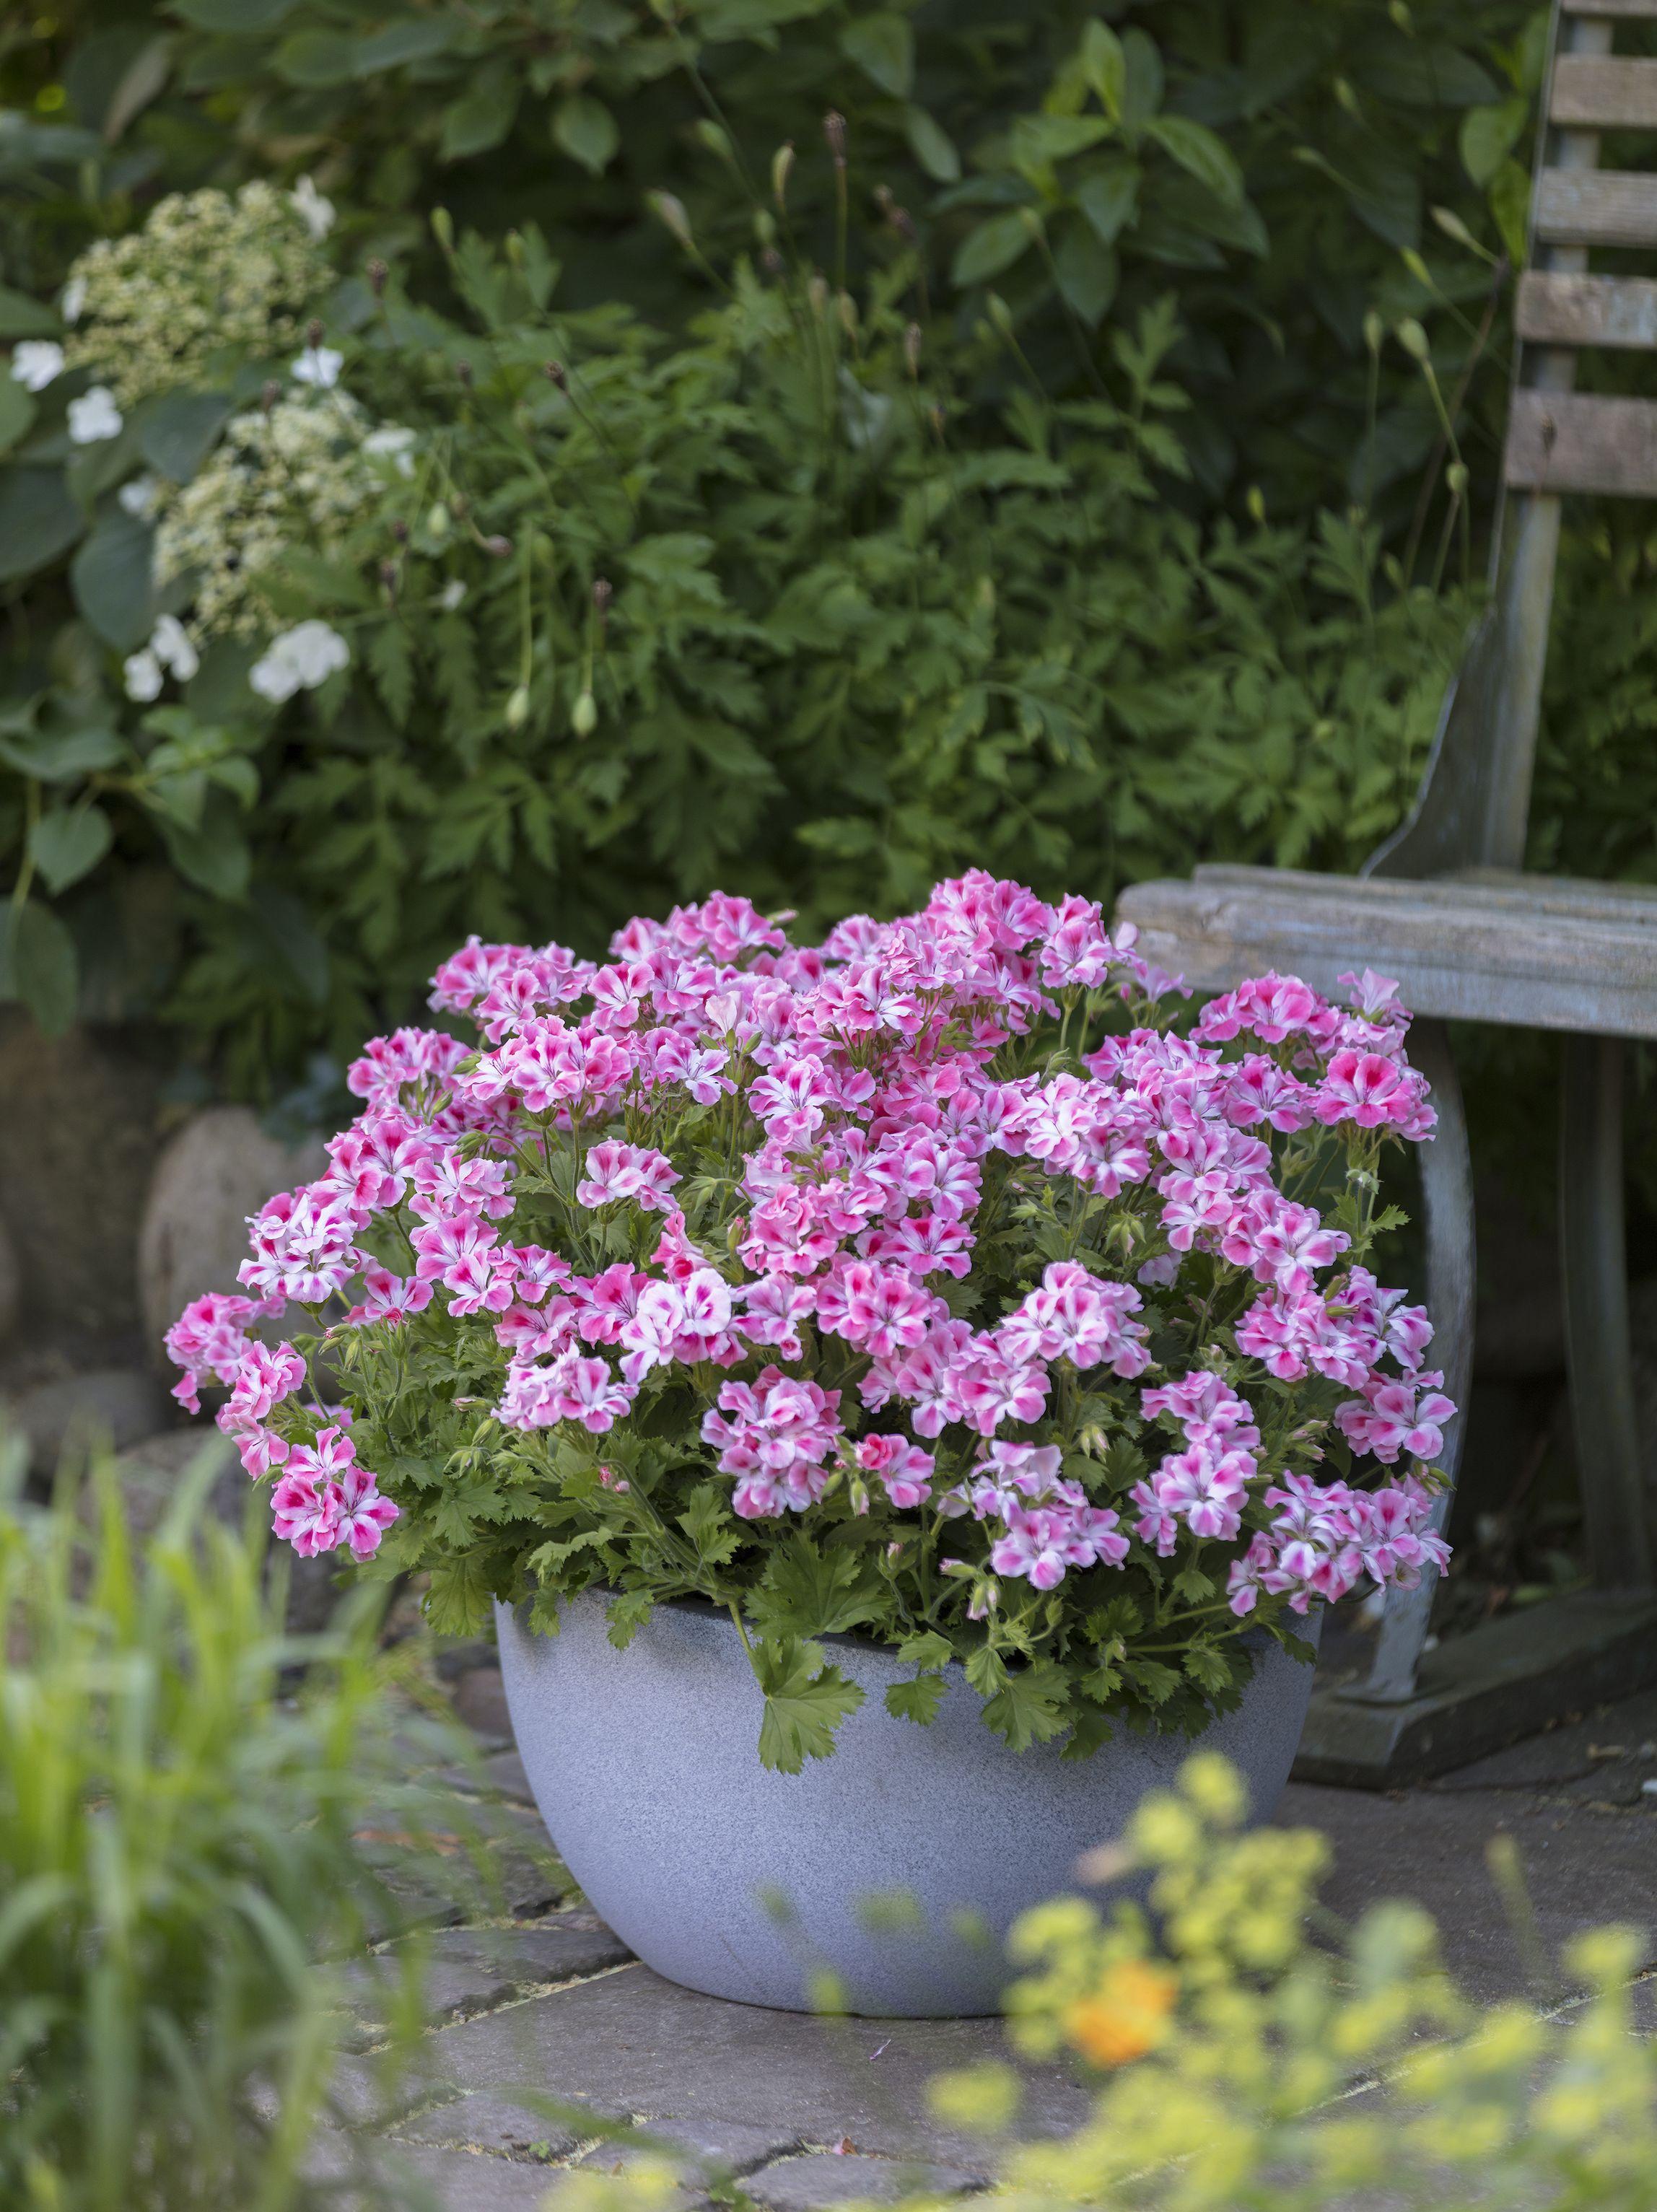 Geraniums in planter in garden